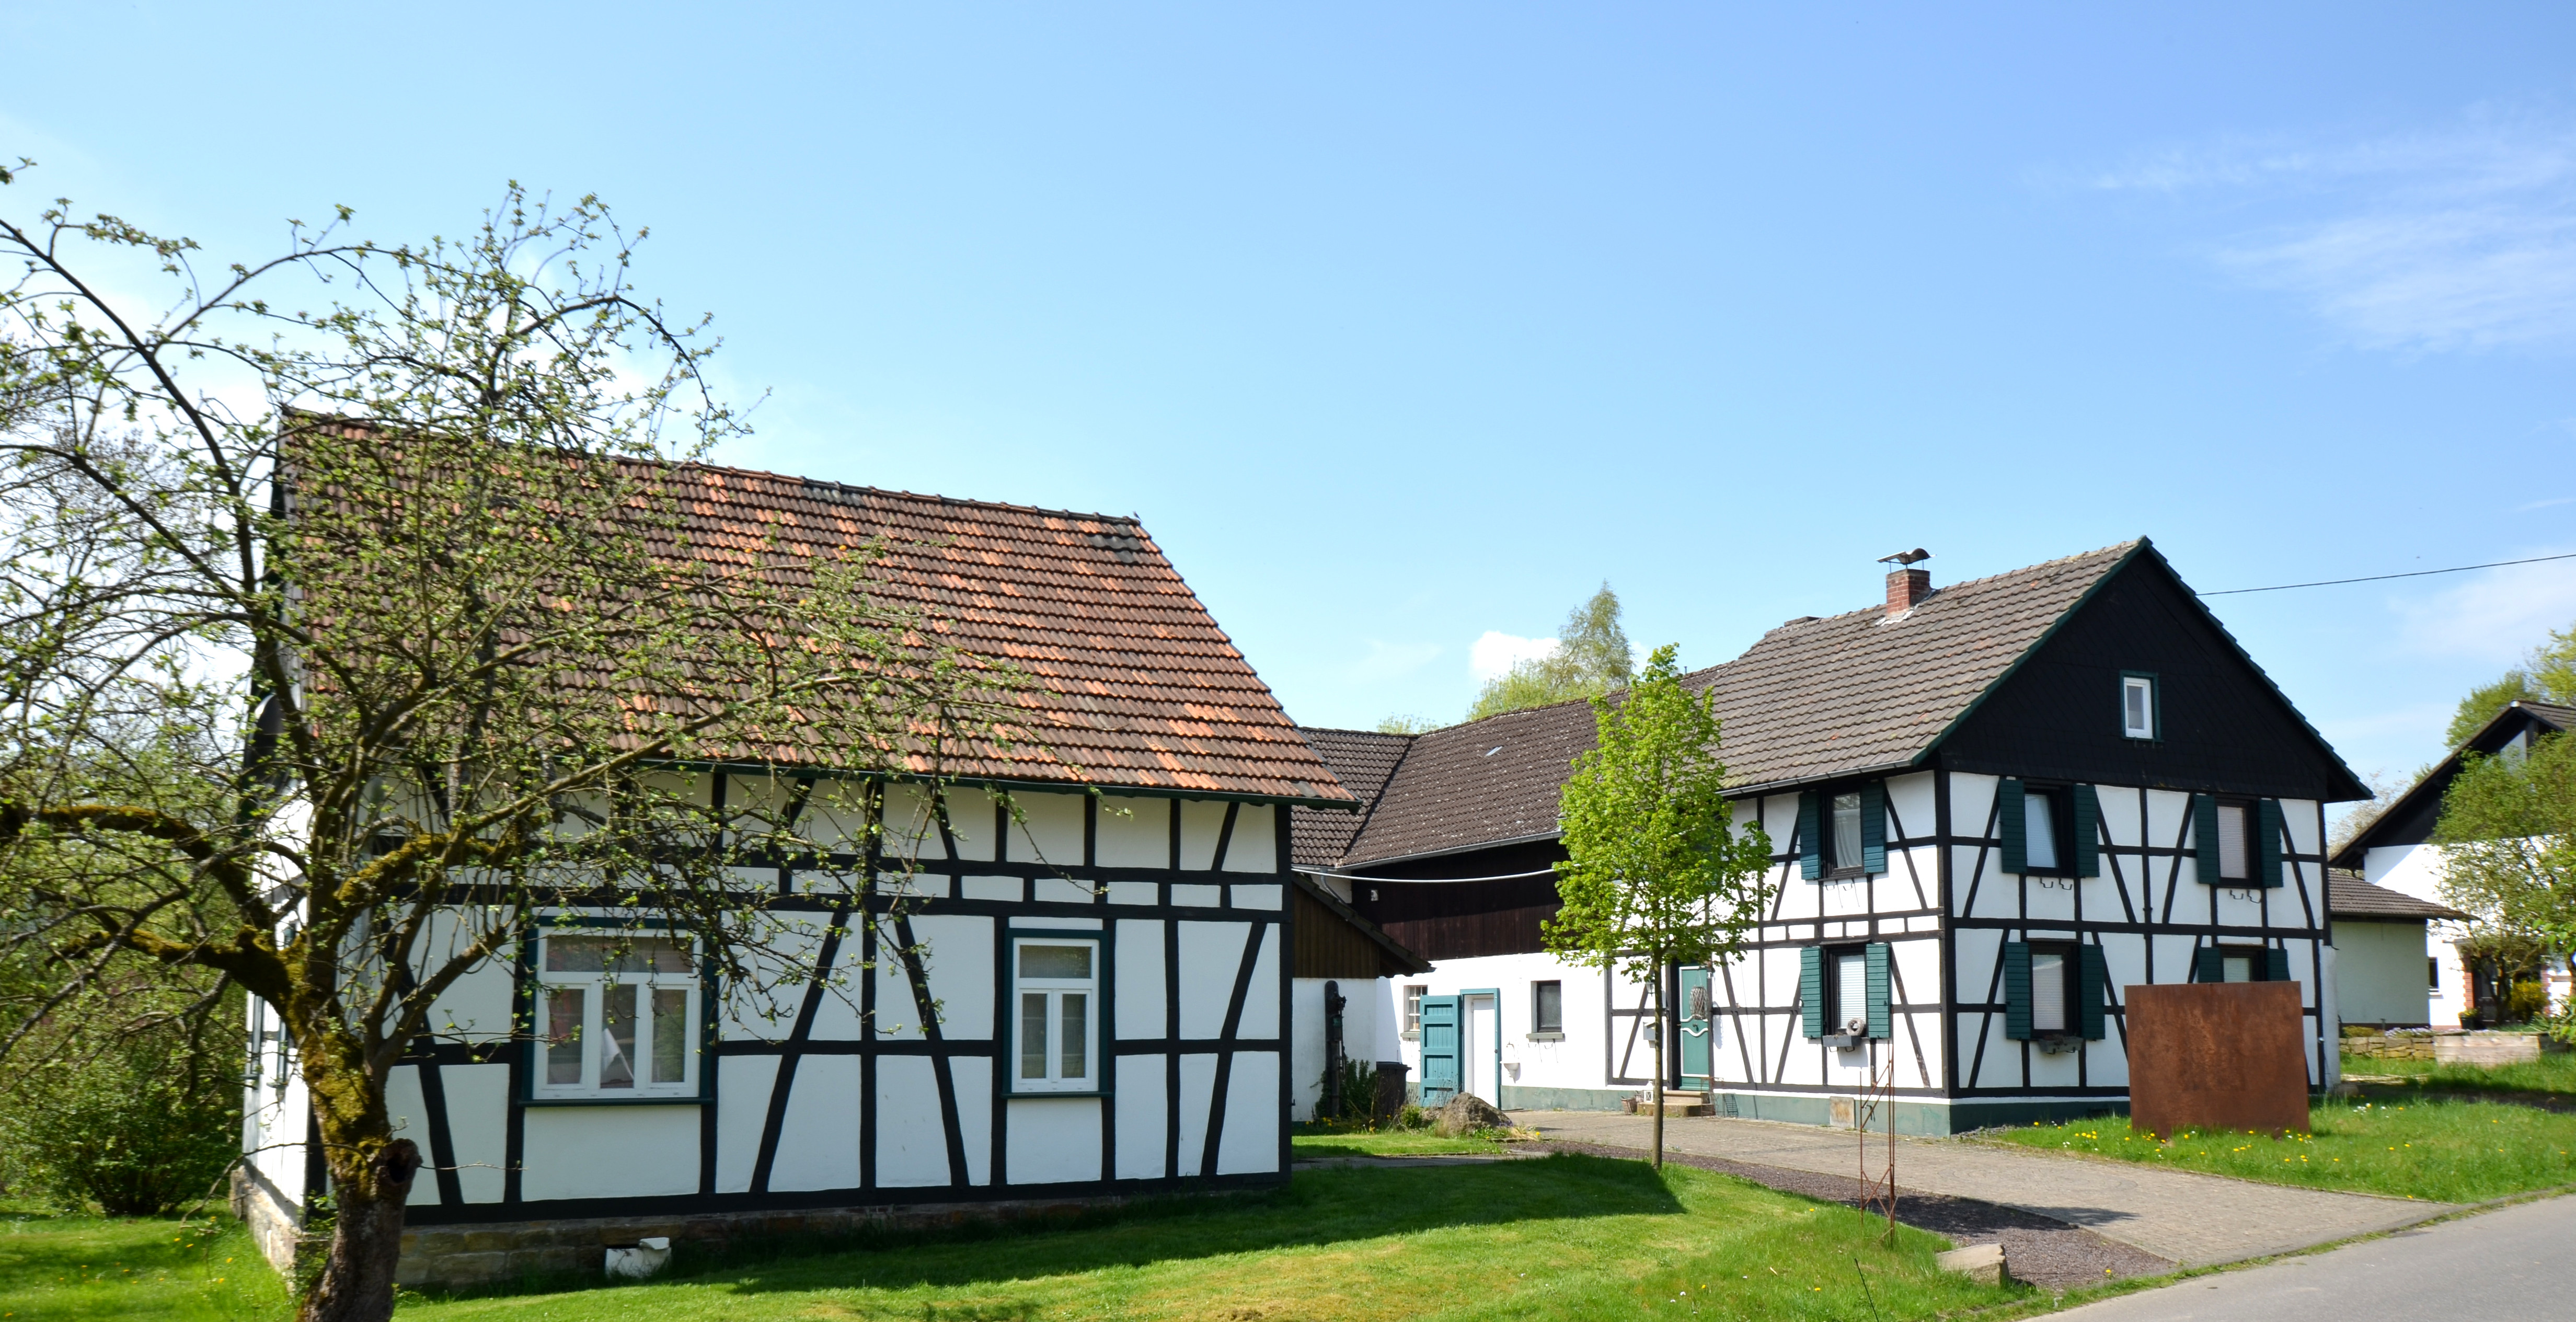 Haus Kaufen Bonn  Frontansicht